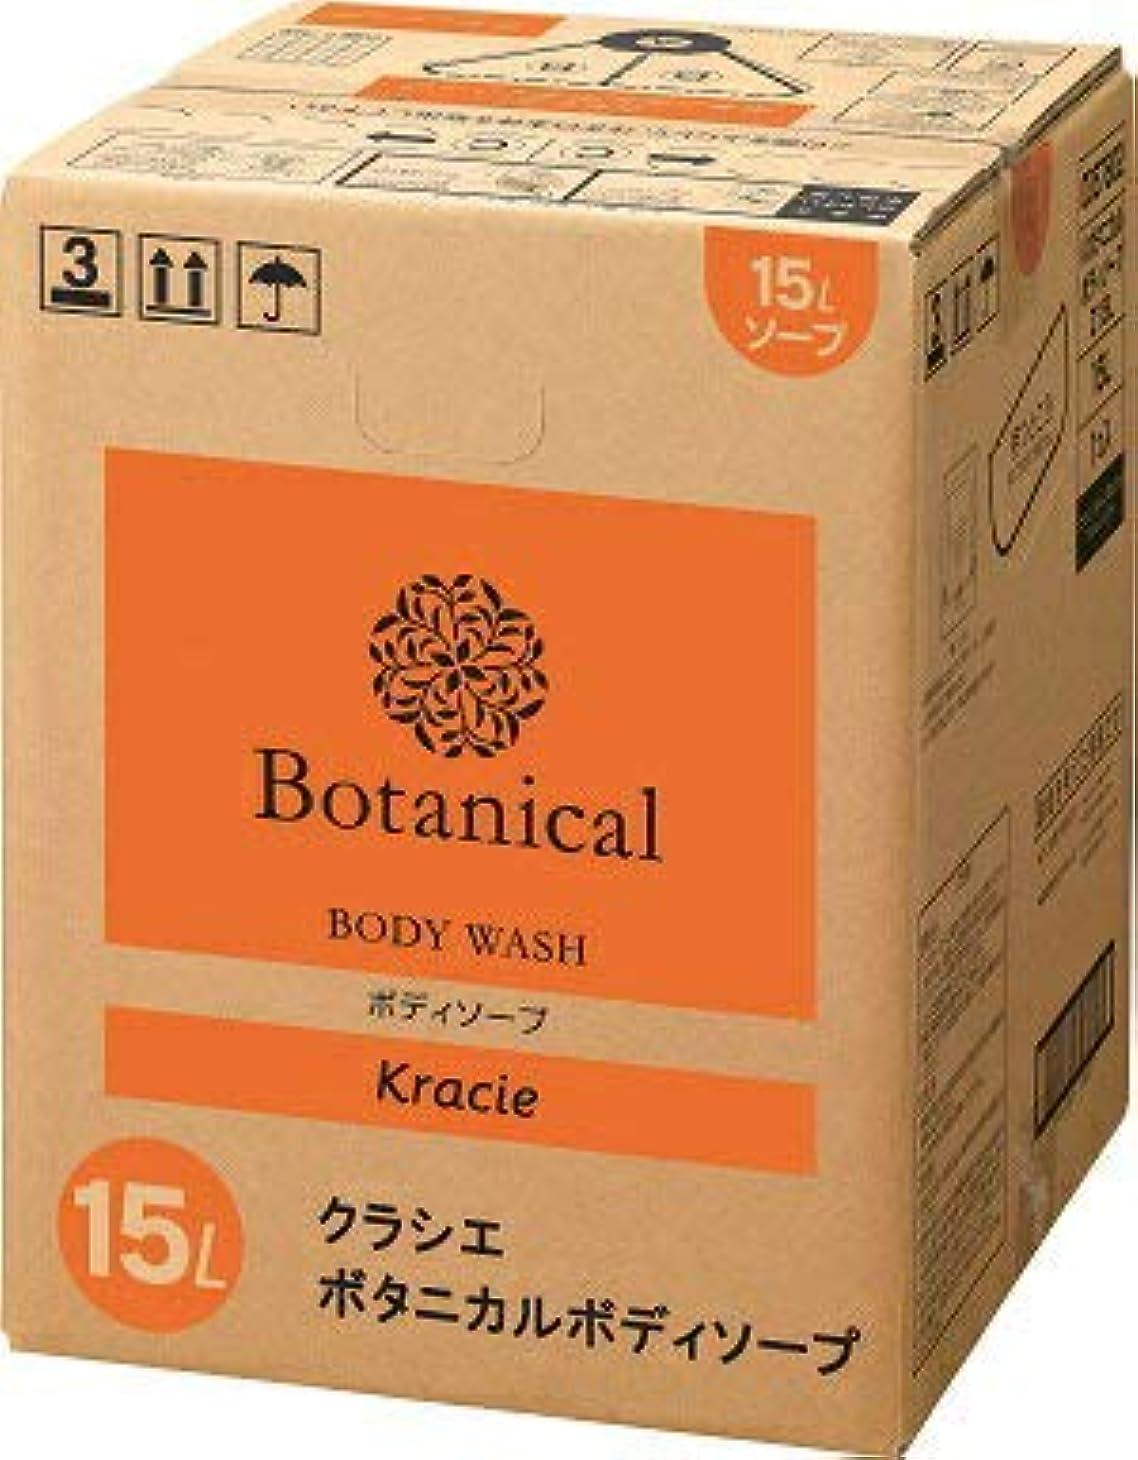 結婚したラップ過言Kracie クラシエ Botanical ボタニカル ボディソープ 15L 詰め替え 業務用